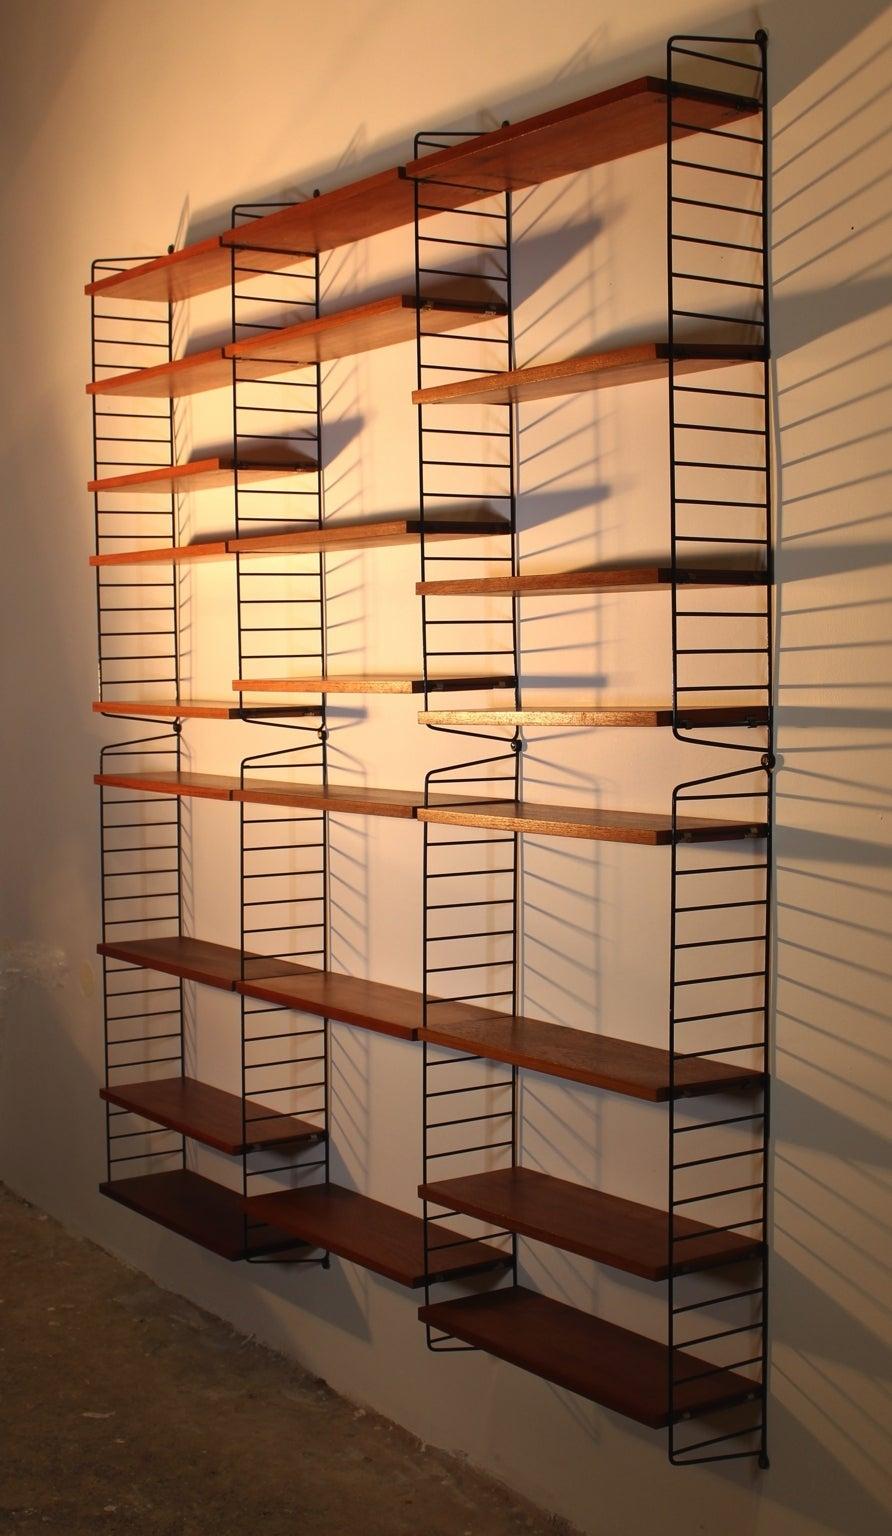 original string shelf ladder shelf by nisse strinning circa 1952 sweden for sale at 1stdibs. Black Bedroom Furniture Sets. Home Design Ideas